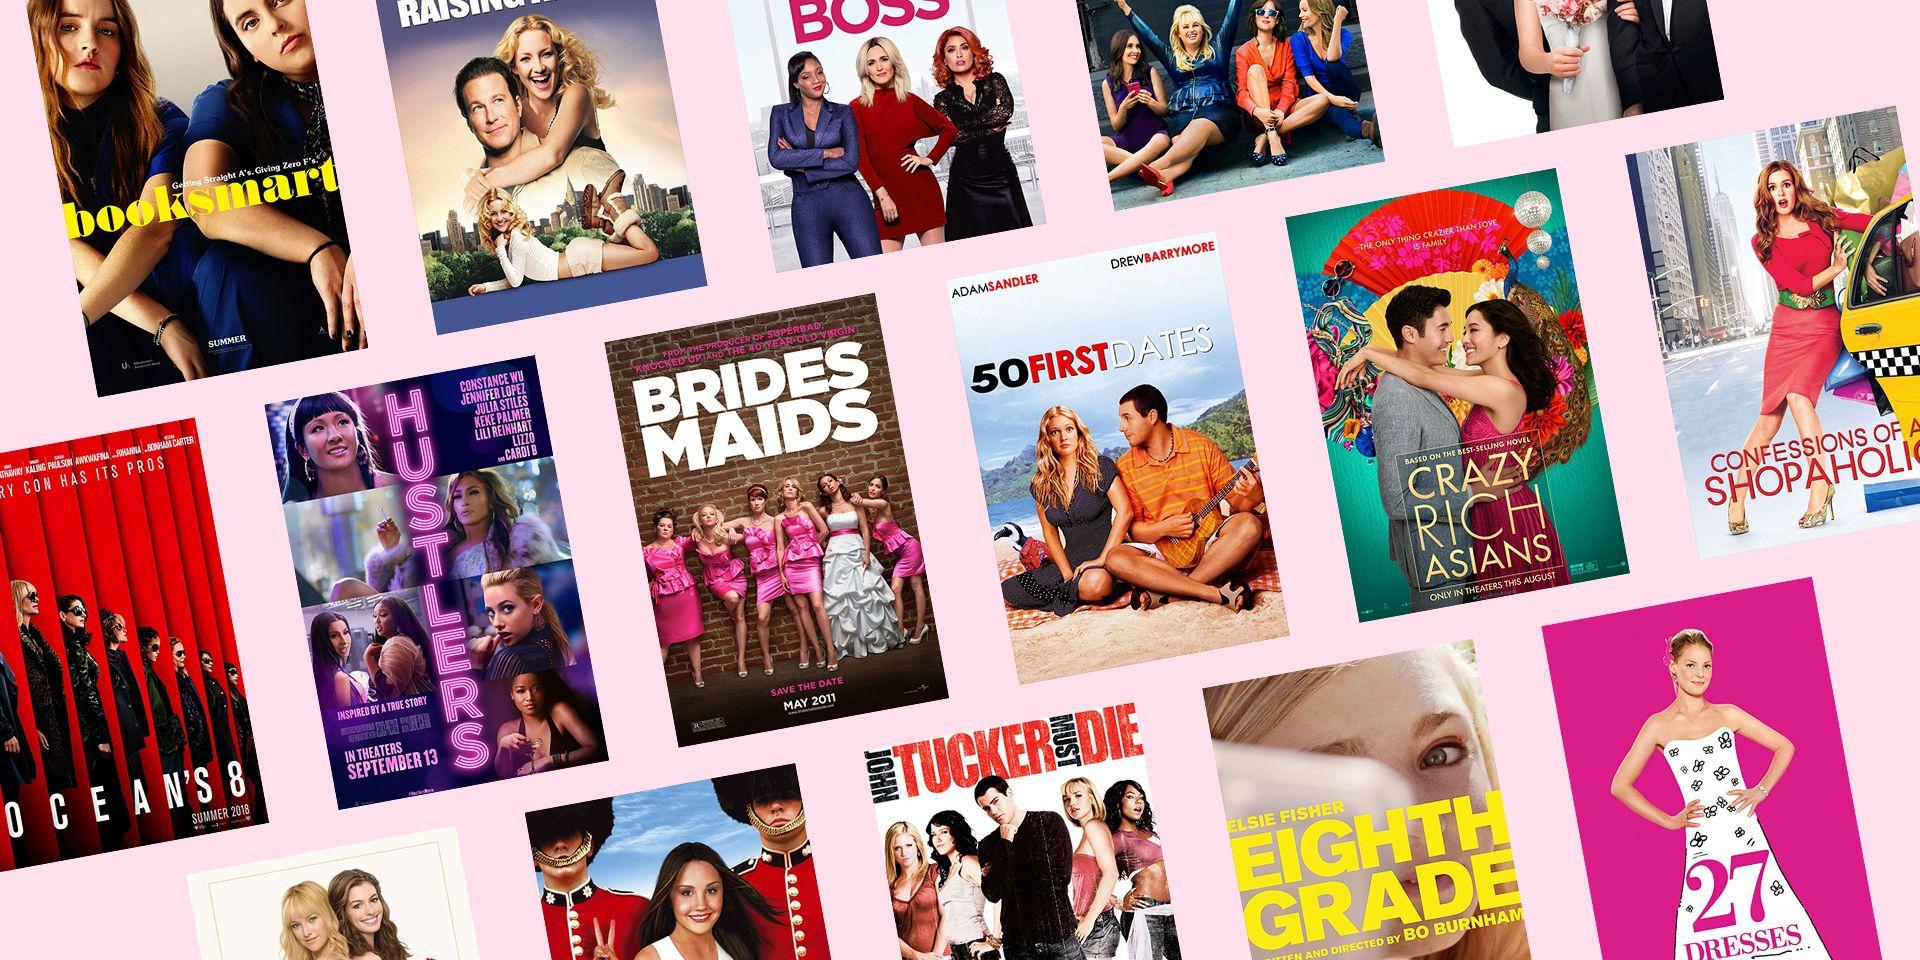 57 Best Chick Flicks Girls Night Chick Flick Movies To Watch,Front Door Easter Classroom Door Decorations